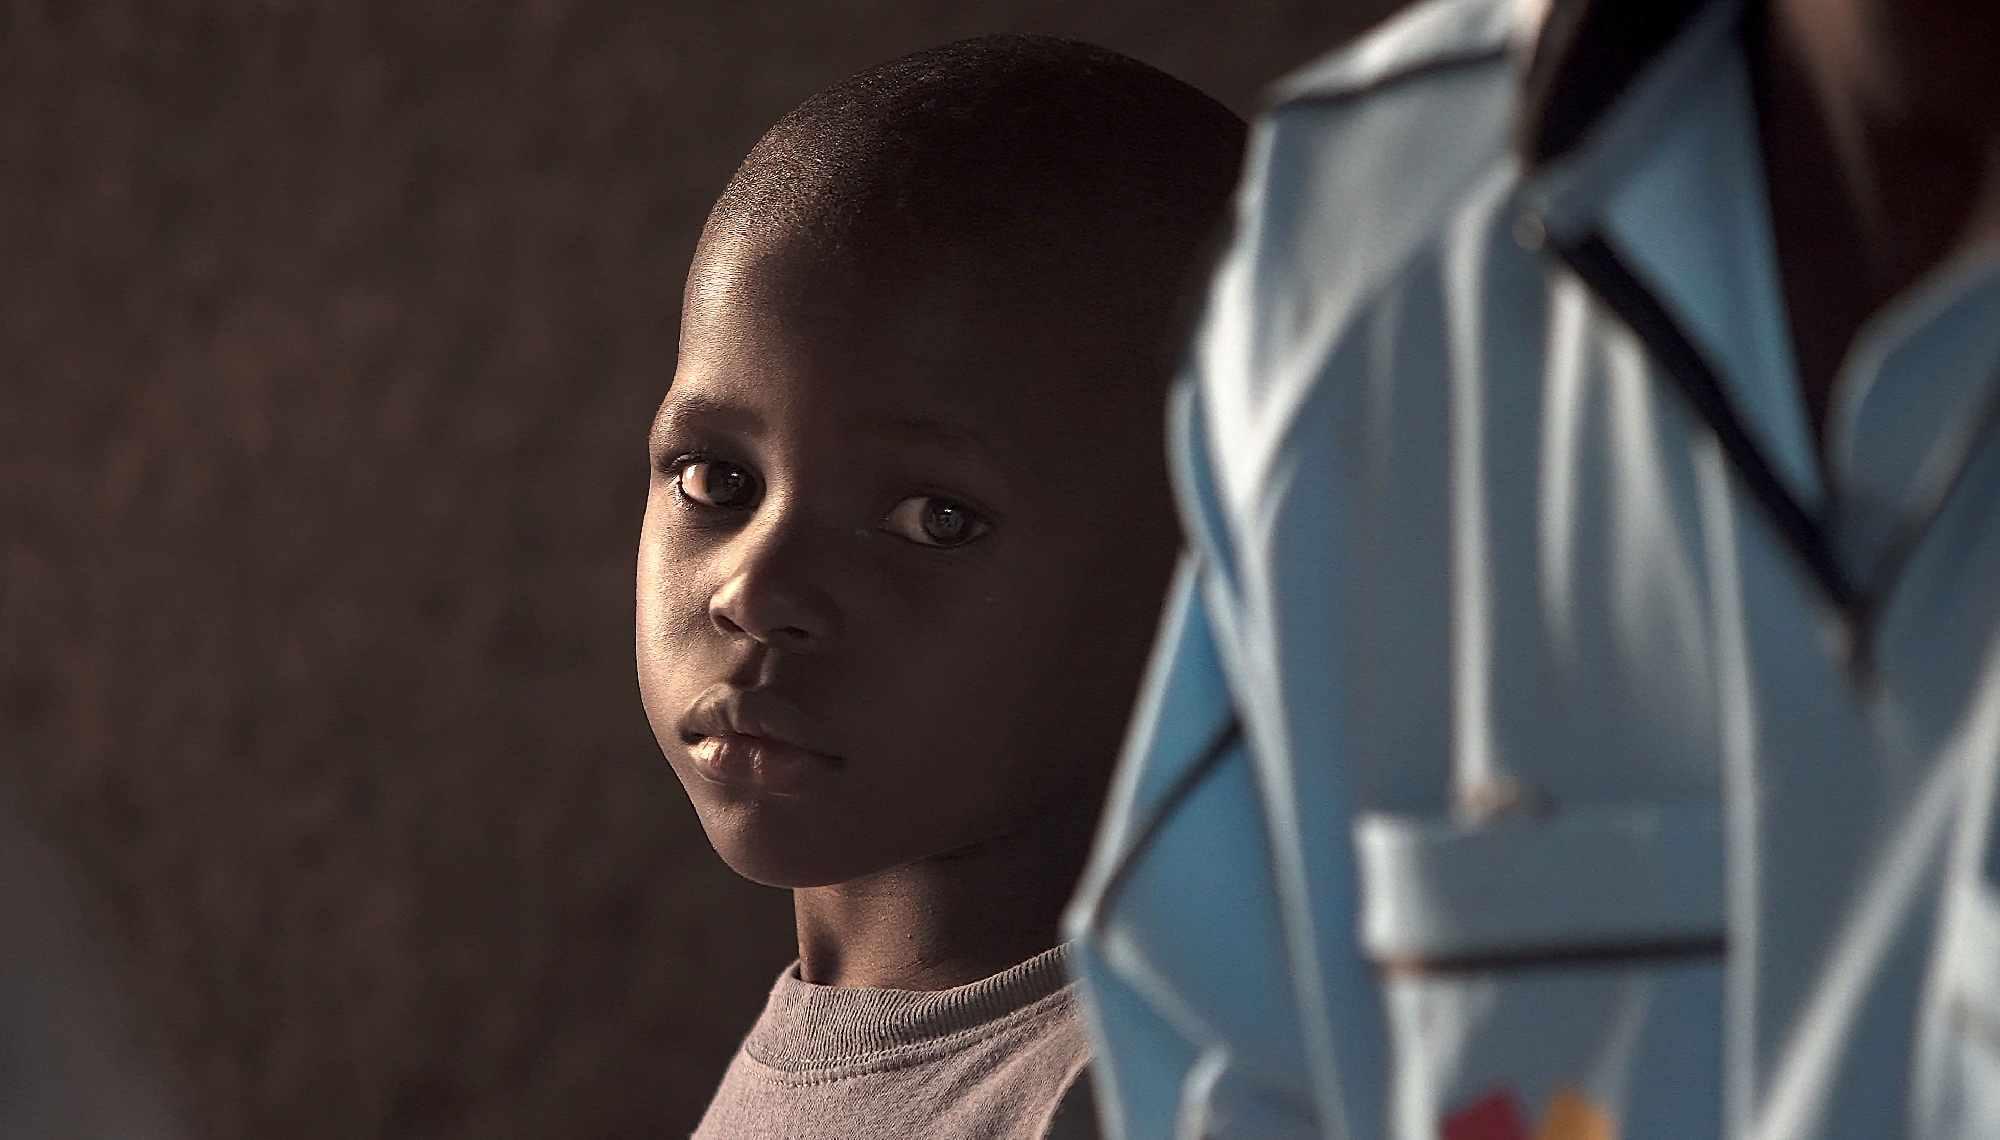 Voluntariado médico en Uganda ayudando a los más desfavorecidos